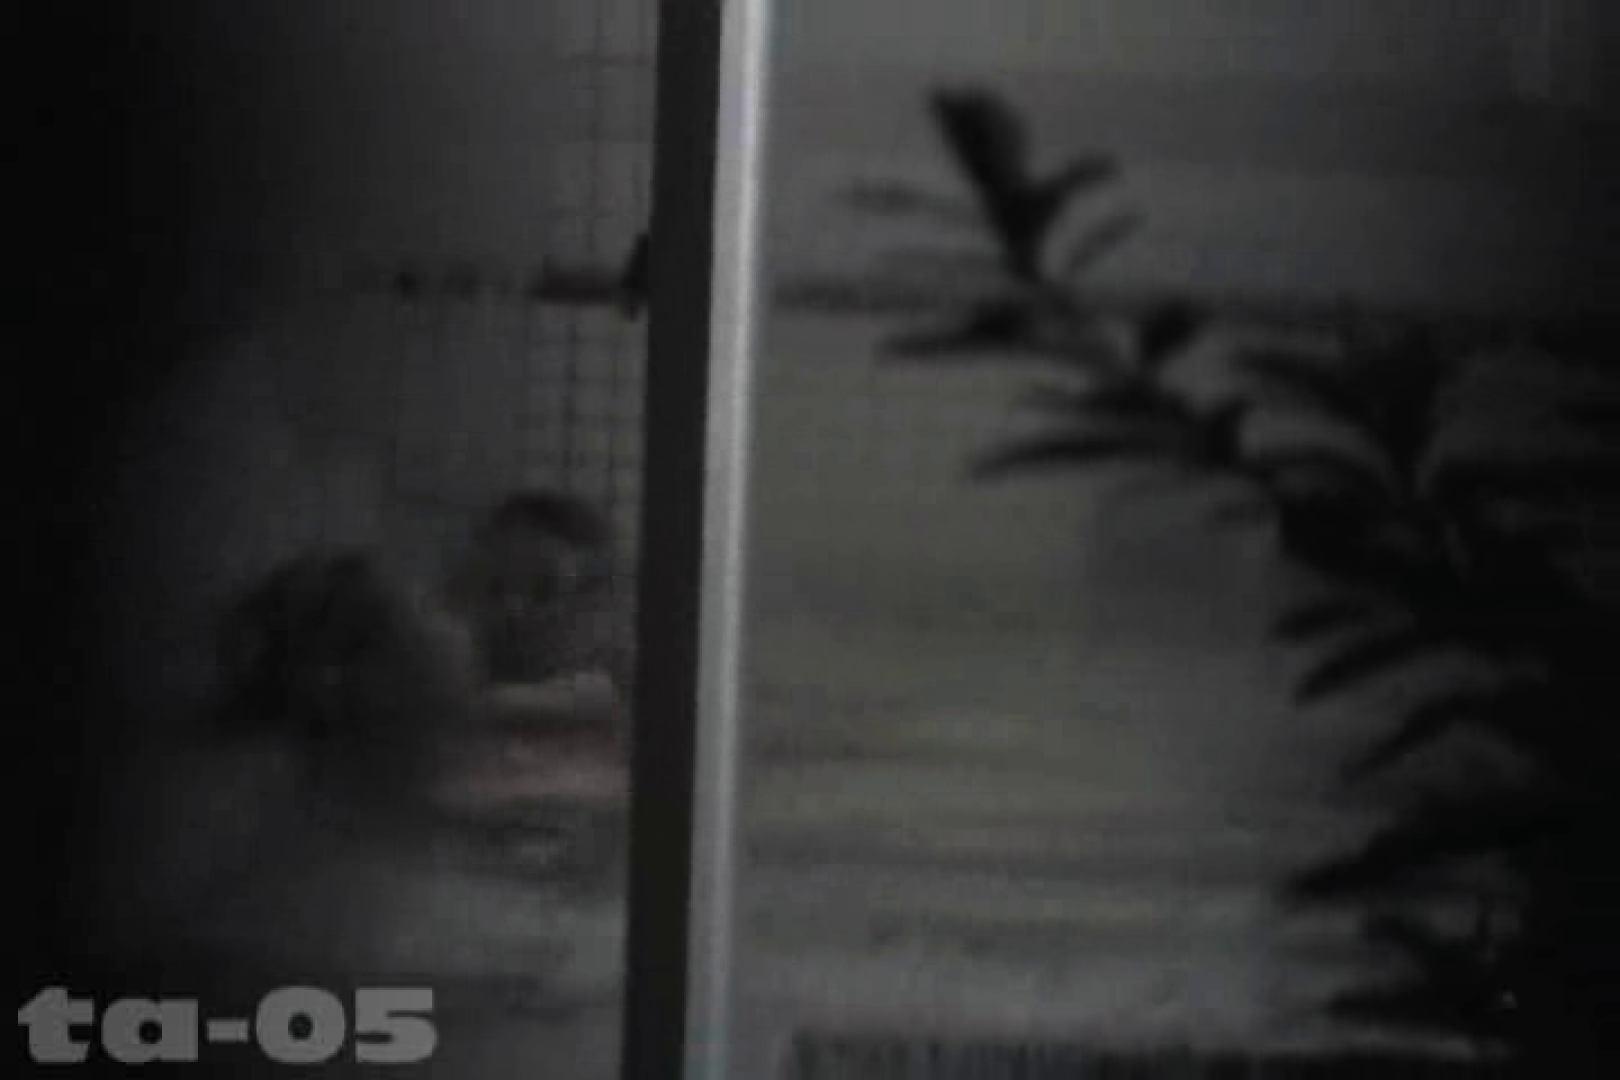 合宿ホテル女風呂盗撮高画質版 Vol.05 女風呂ハメ撮り   合宿  94連発 62